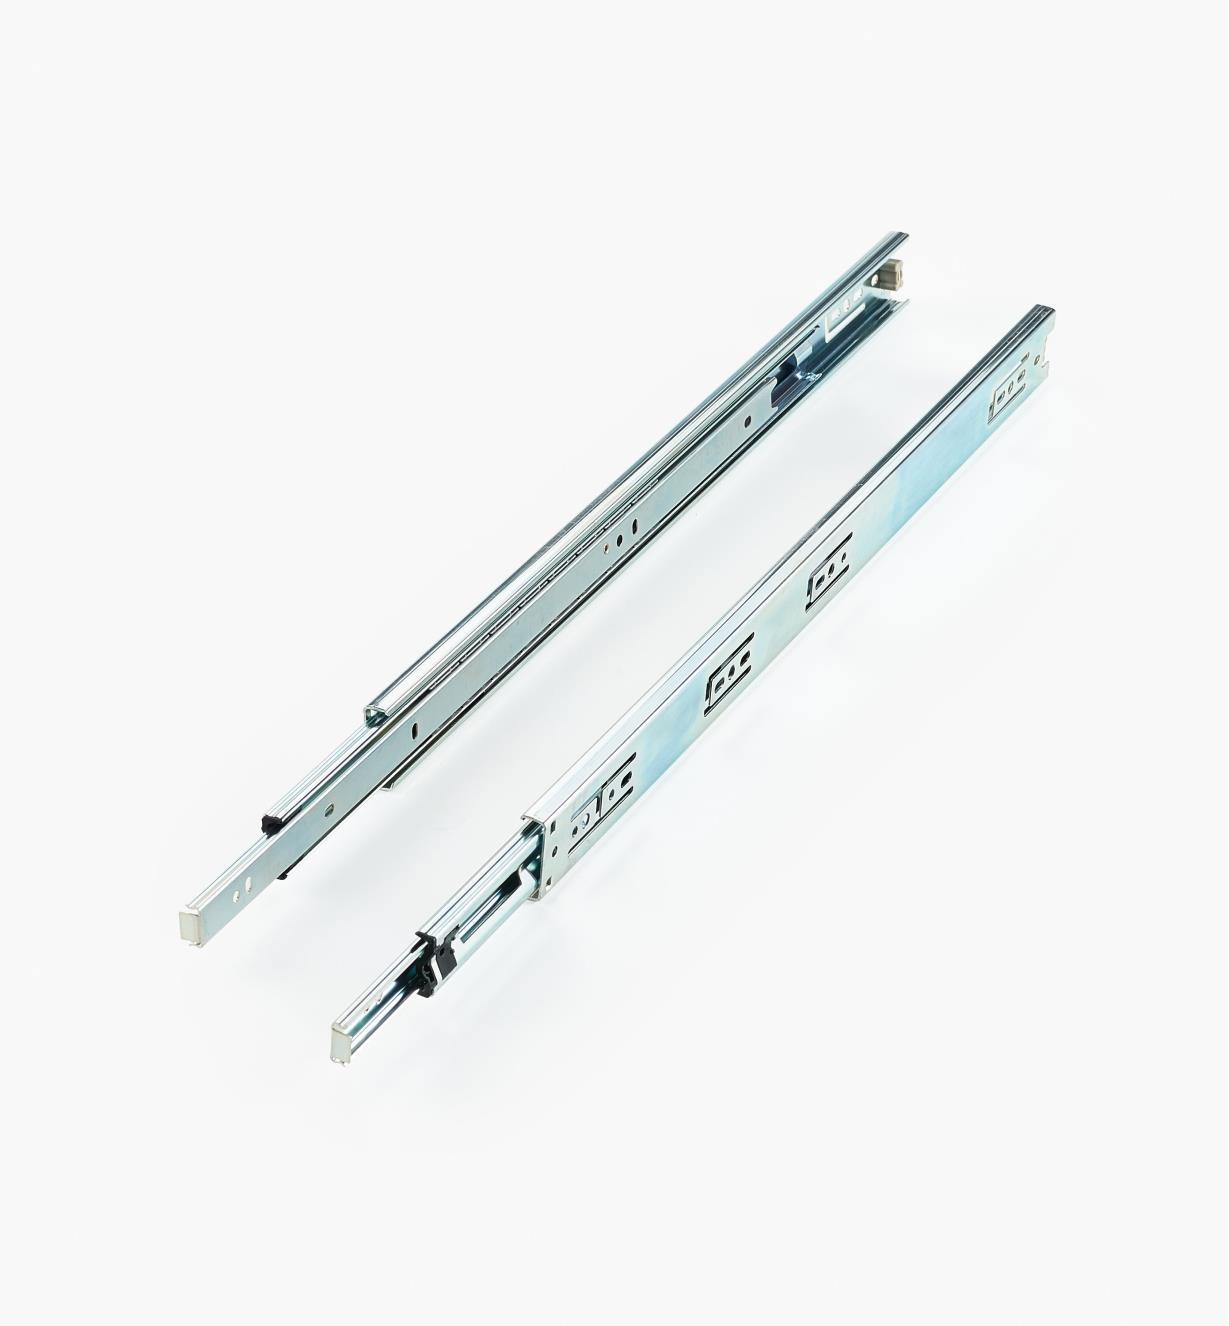 02K4220 - Coulisses de 20po à extension complète pour charge de 75lb, la paire